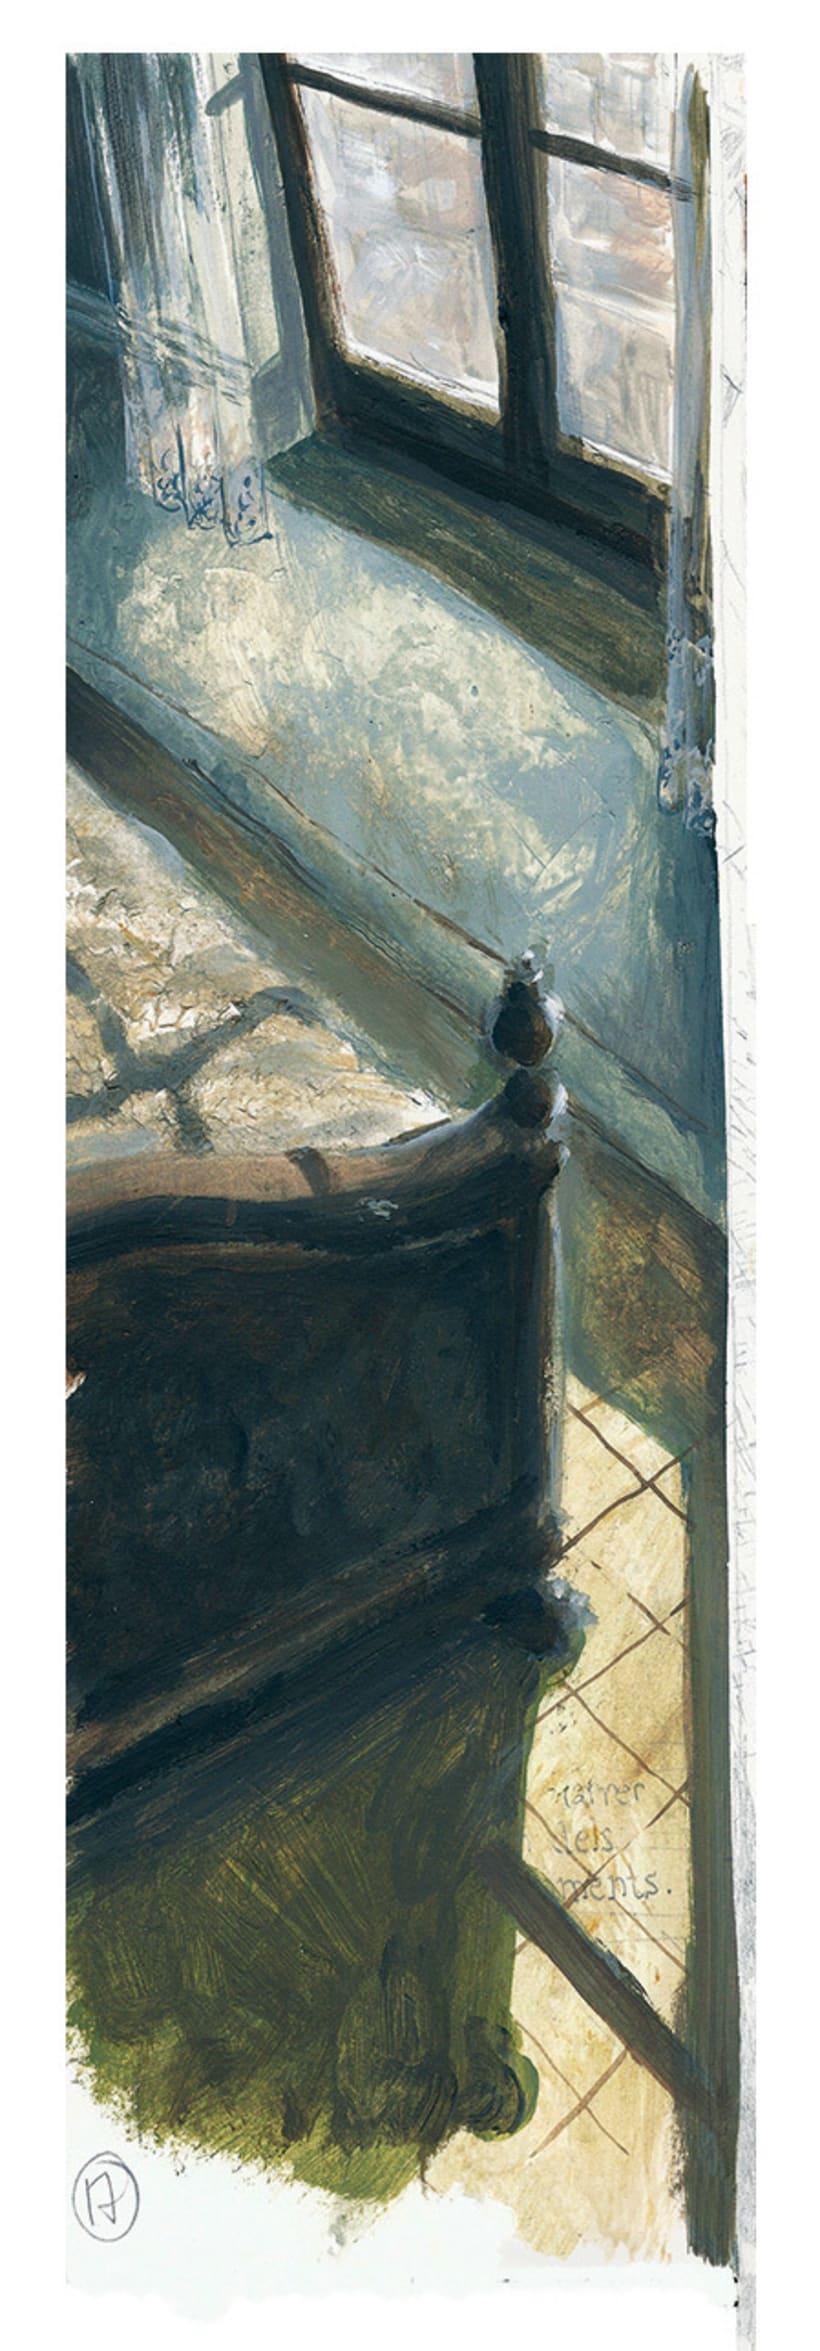 1909, Rosa de fuego 1